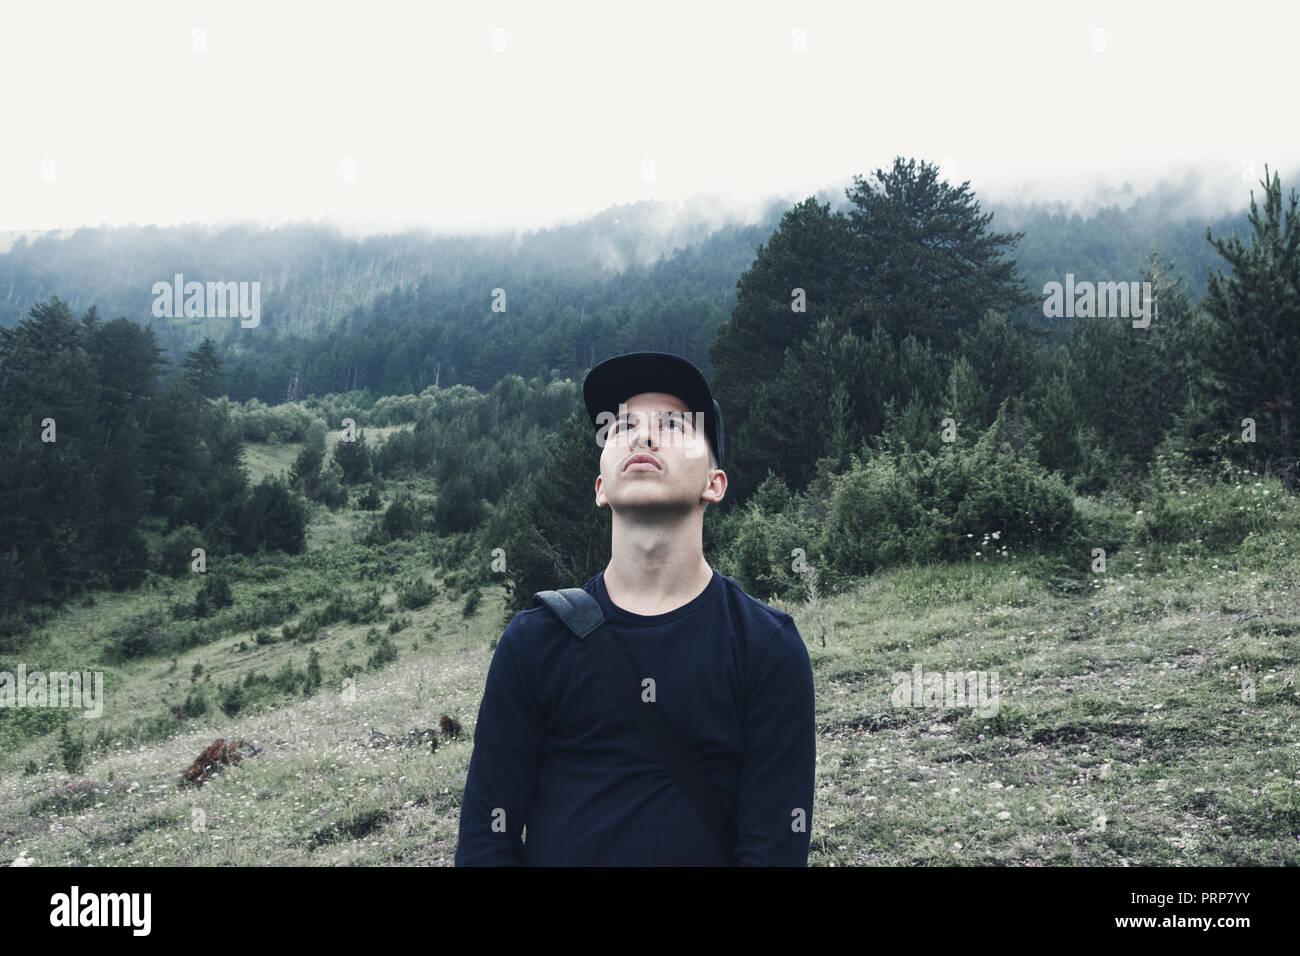 Jeune randonneur regardant vers le ciel en face de la forêt et le brouillard Banque D'Images